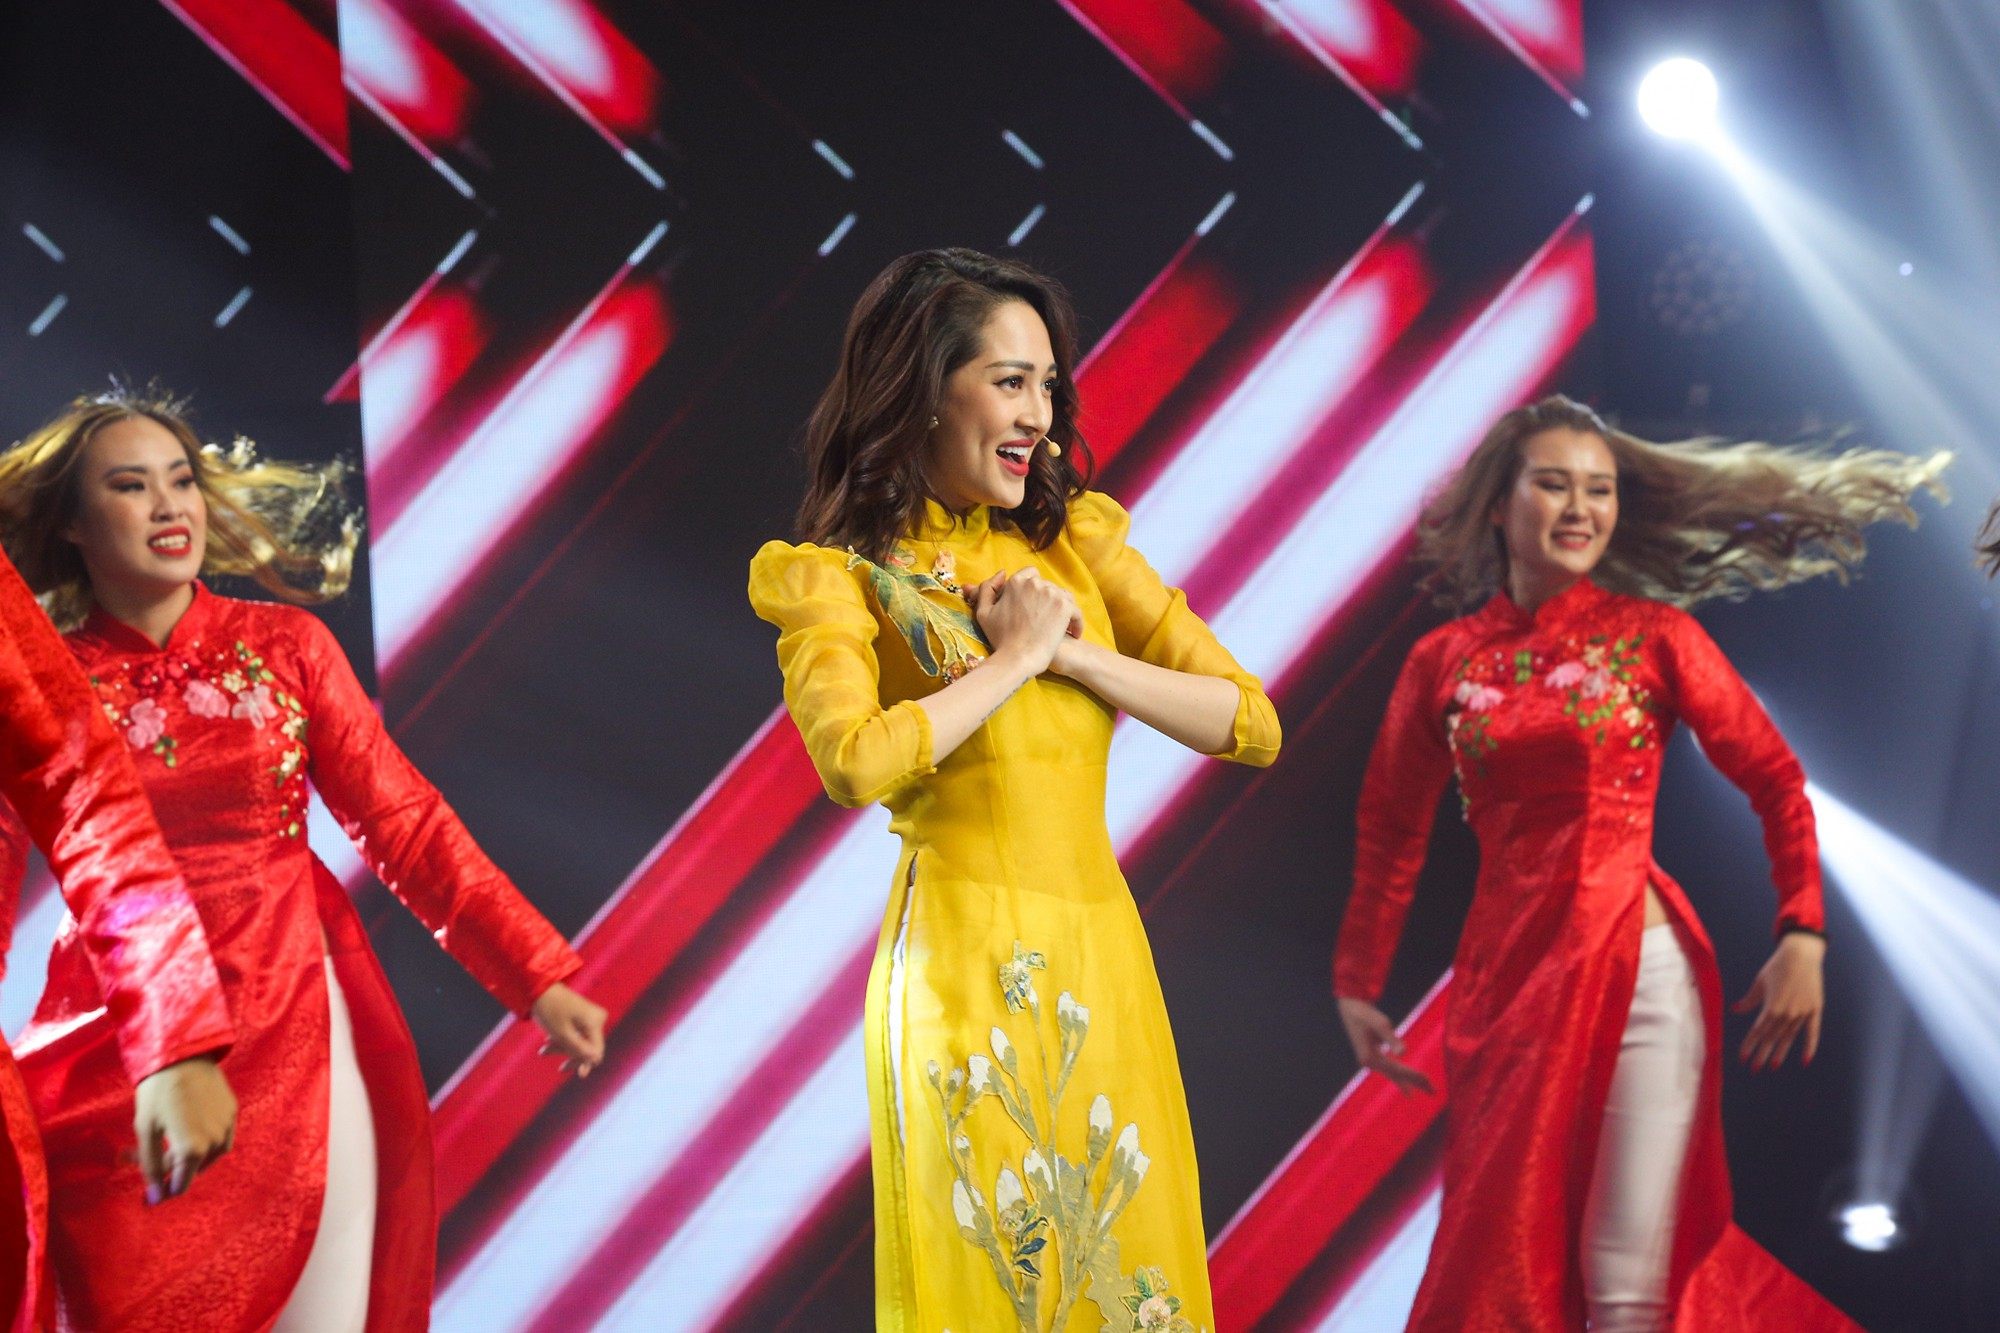 Hồ Ngọc Hà, Noo Phước Thịnh cùng hơn 30 nghệ sĩ Vpop đồng loạt quy tụ trong chương trình nhạc Xuân rộn ràng - Ảnh 7.